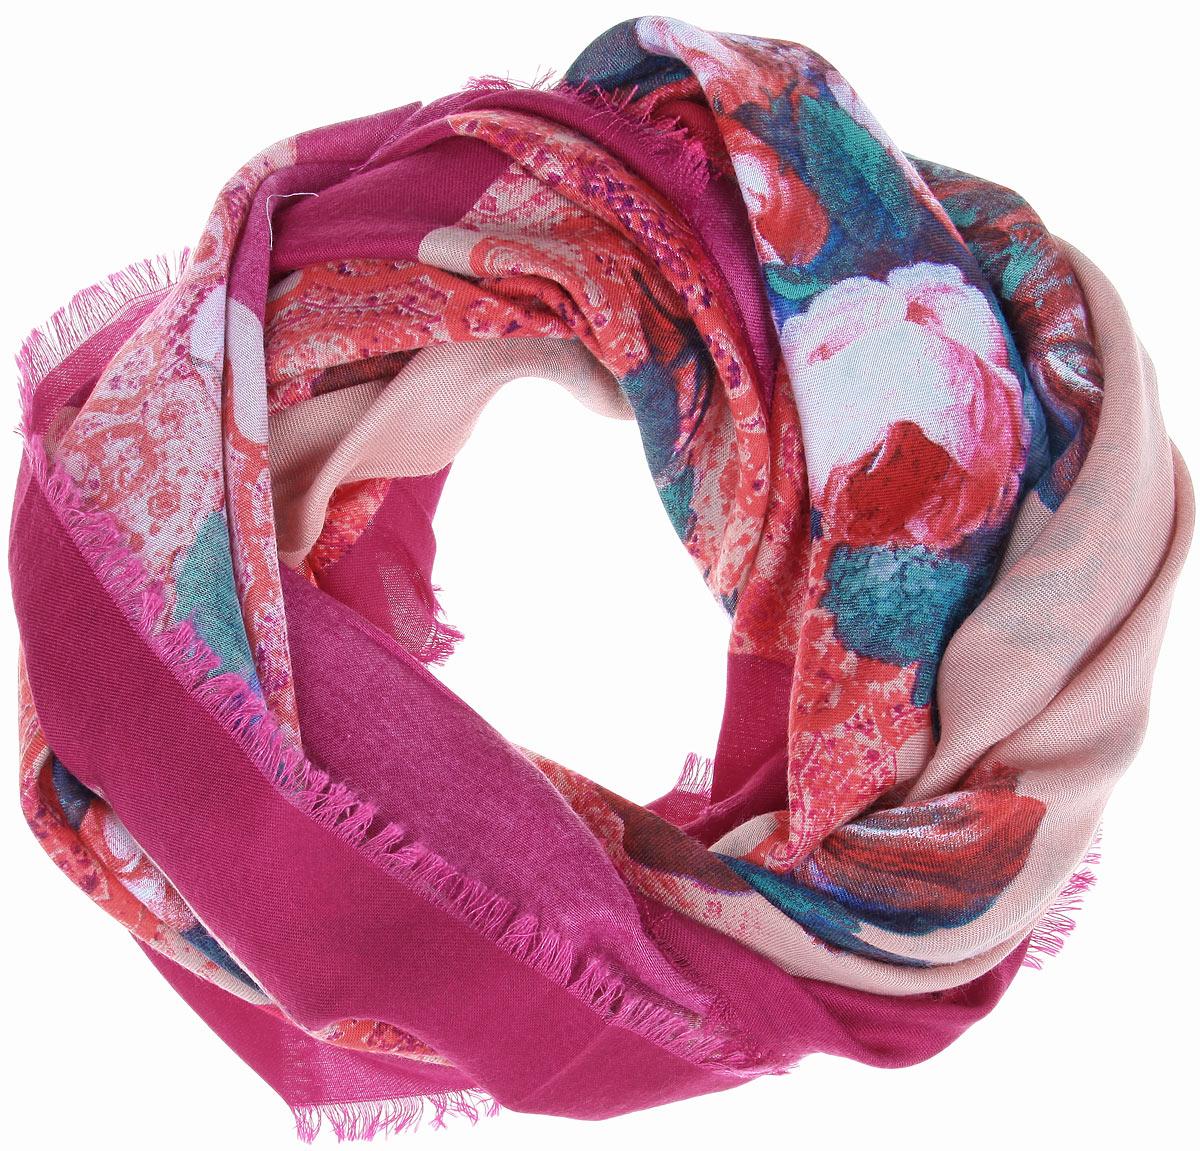 ПлатокBH-11524-3Платок Sophie Ramage, выполненный из модала с добавлением кашемира, идеально дополнит образ современной женщины. Благодаря своему составу, он удивительно мягкий и очень приятный на ощупь. Модель оформлена ярким цветочным принтом, а по краям декорирована короткой бахромой. Классическая квадратная форма позволяет носить платок на шее, украшать им прическу или декорировать сумочку. С этим платком вы всегда будете выглядеть стильно, ярко и привлекательно.